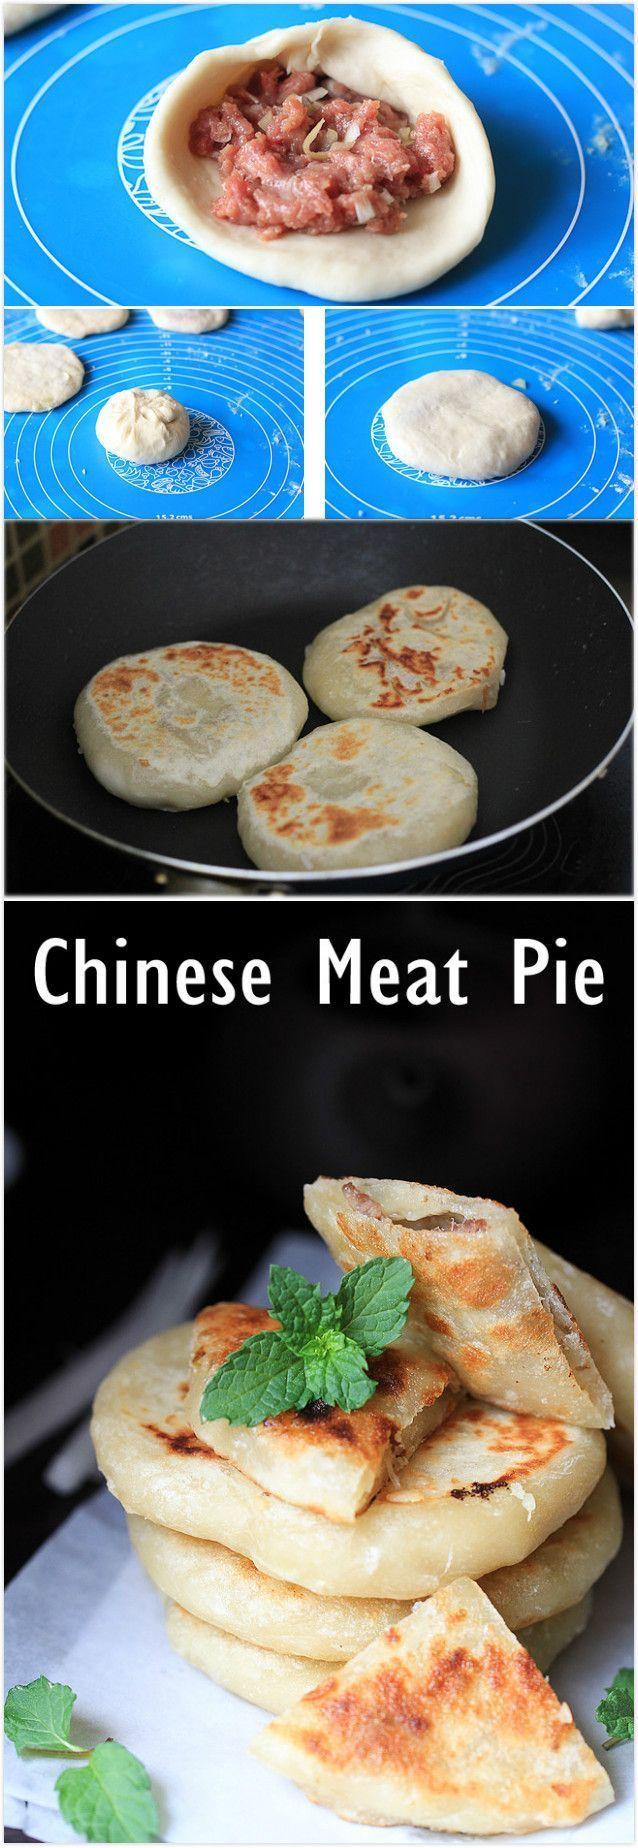 Chinese Meat Pie (Xian Bing) 丨China Sichuan Food